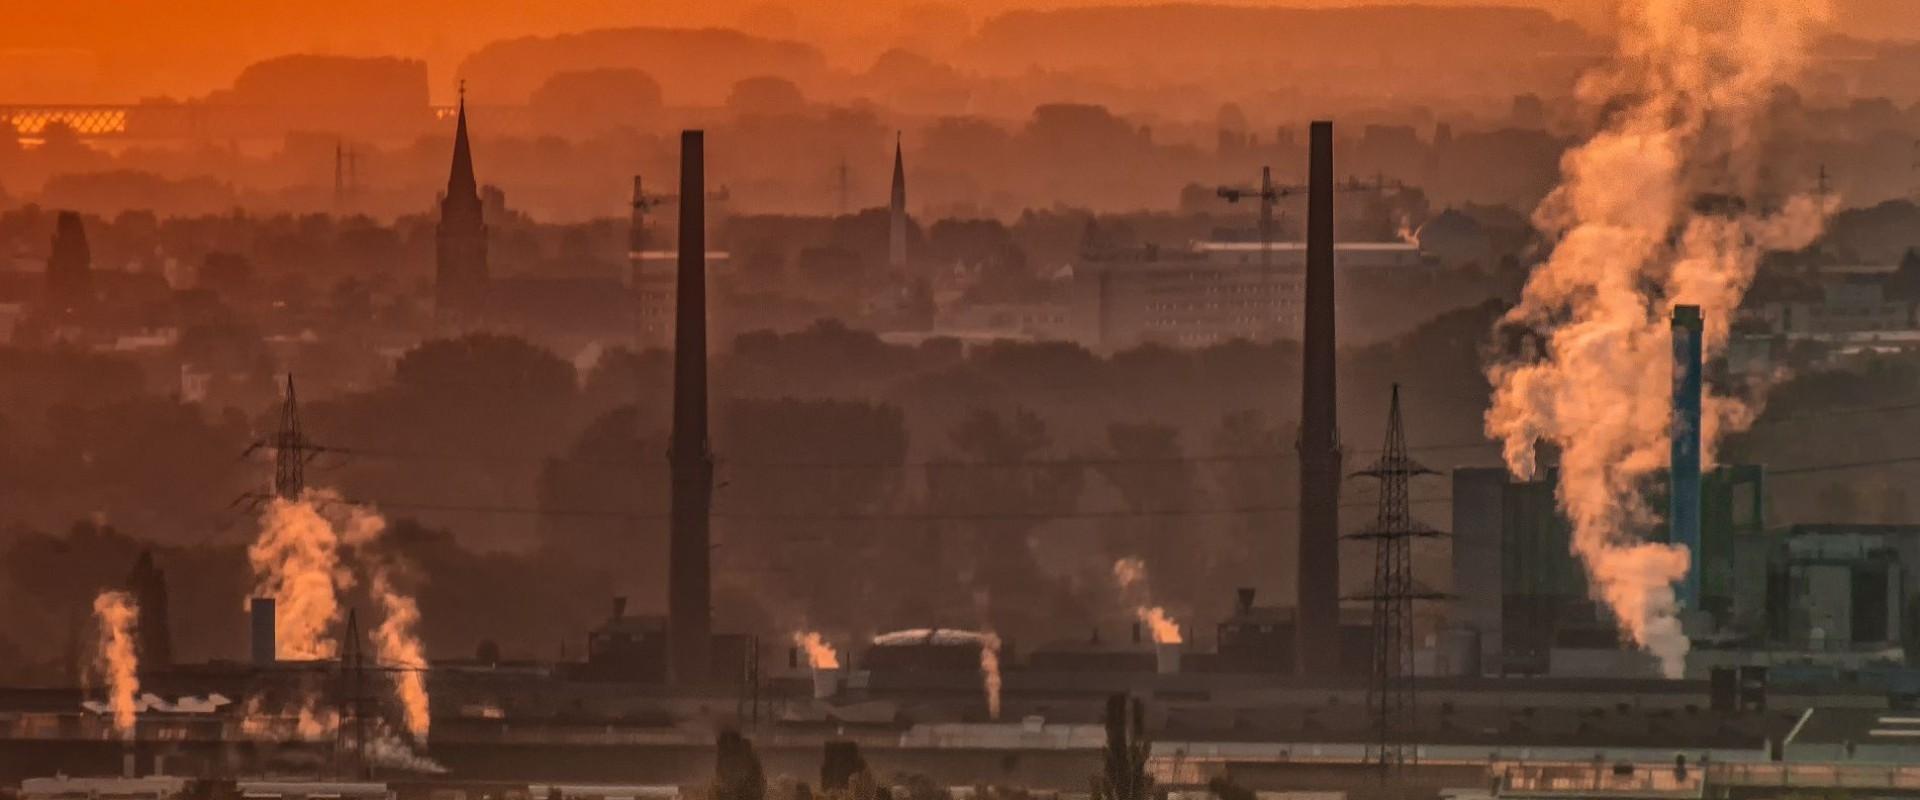 Jak ograniczyć negatywny wpływ smogu na zdrowie?